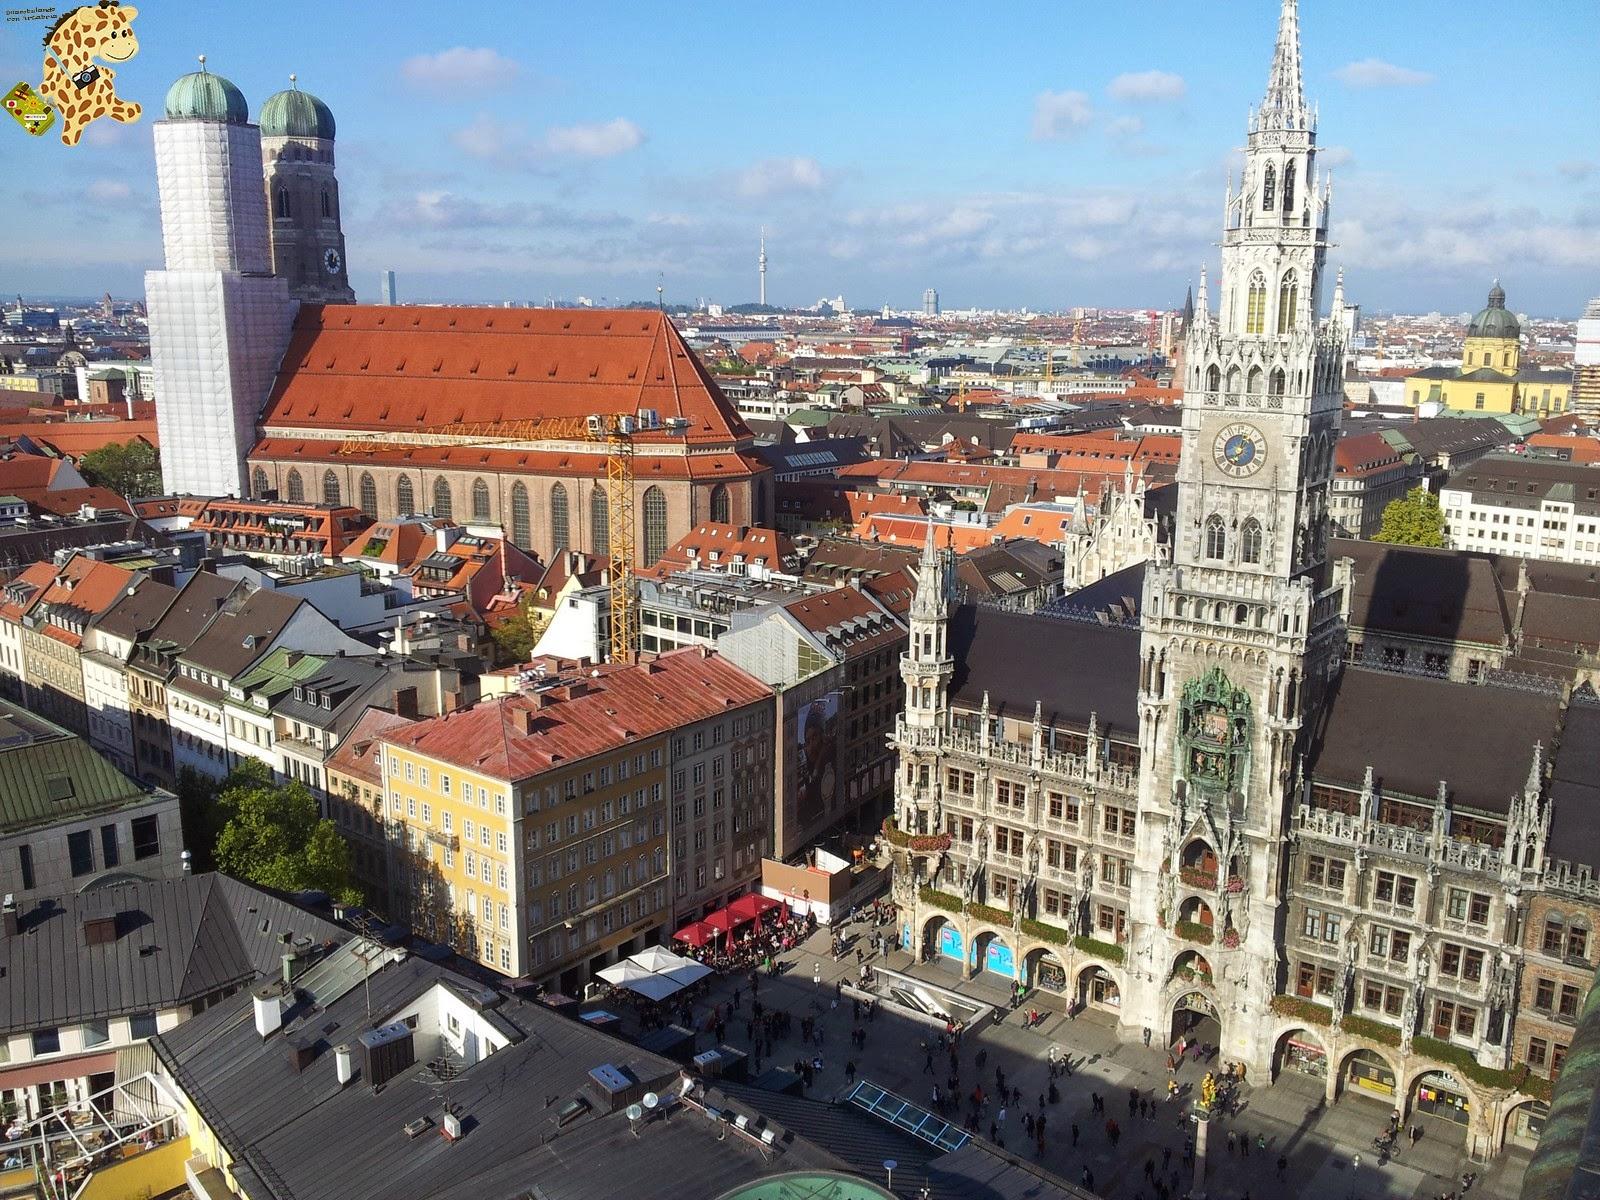 Qué ver en Munich?